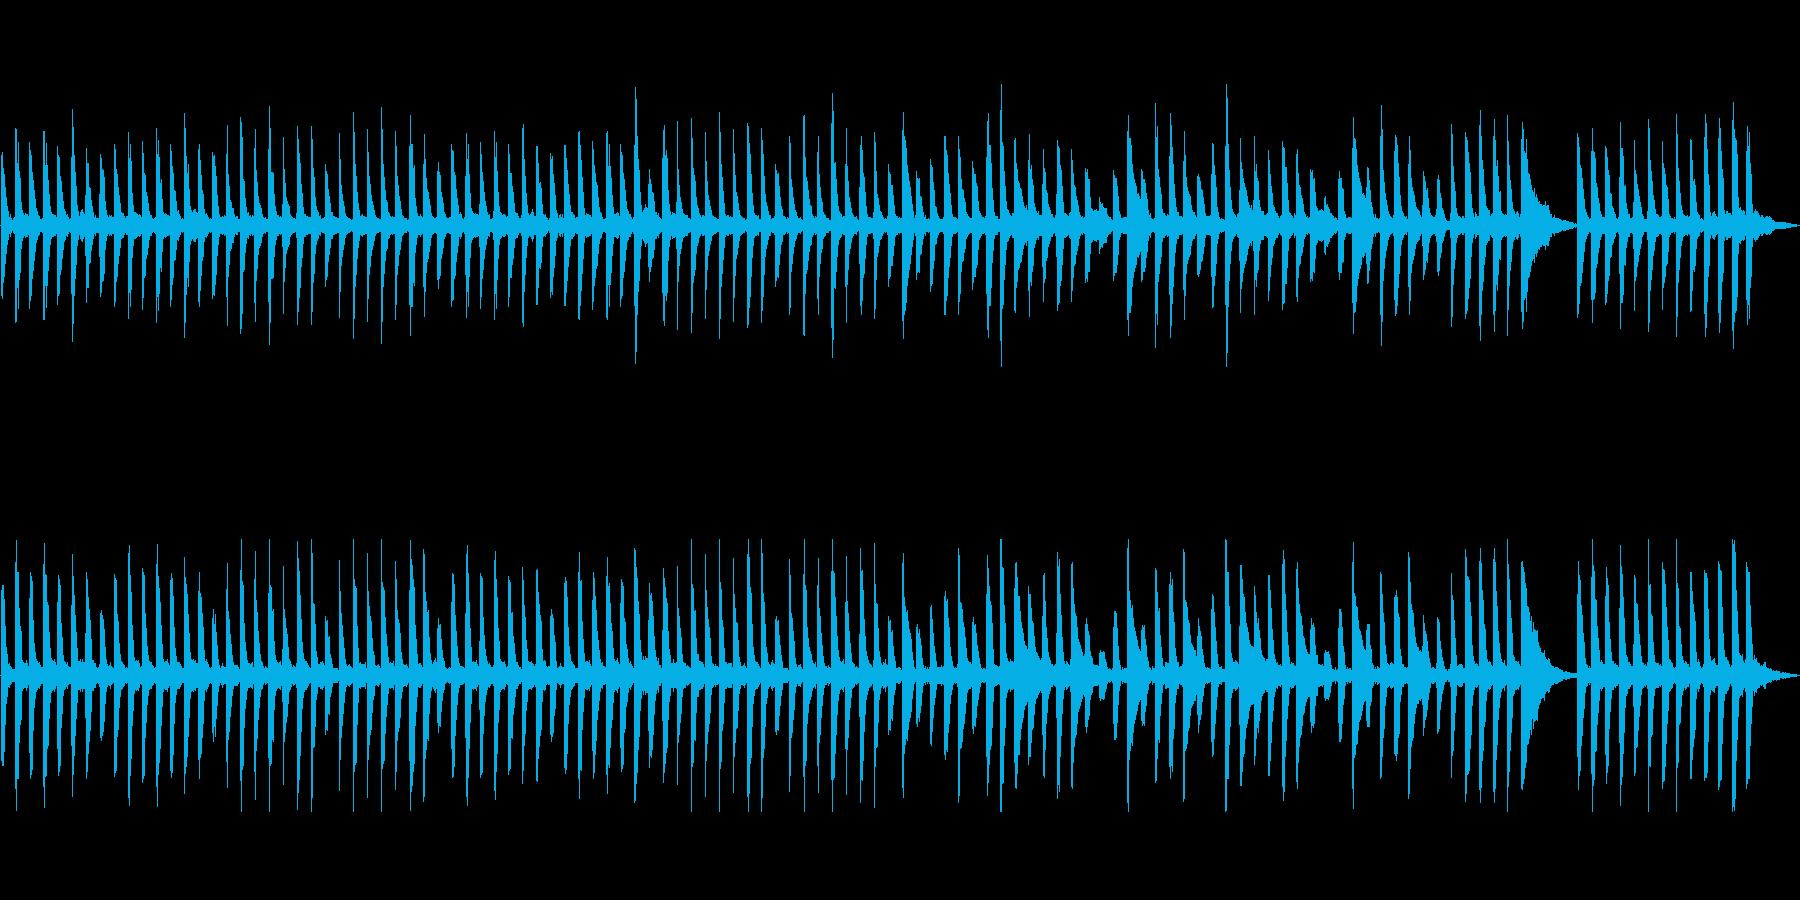 ほのぼのな雰囲気のピアノ曲の再生済みの波形